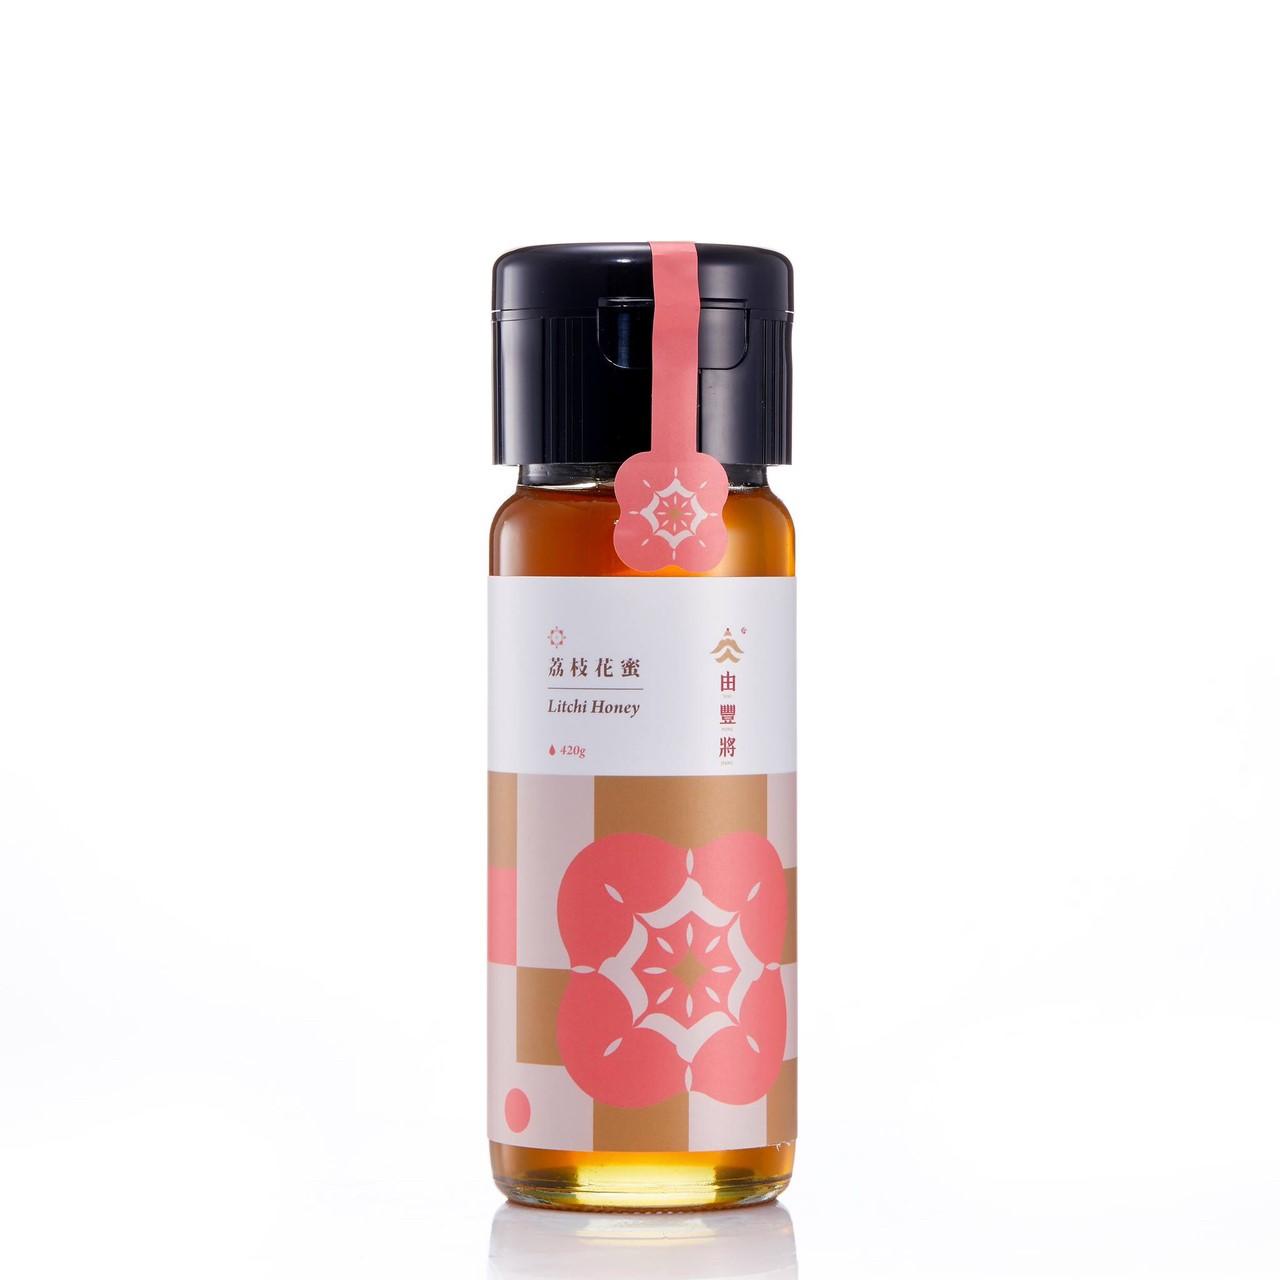 【由豐將】100%台灣蜂蜜-楊貴妃特愛的荔枝花蜜 420g(小)